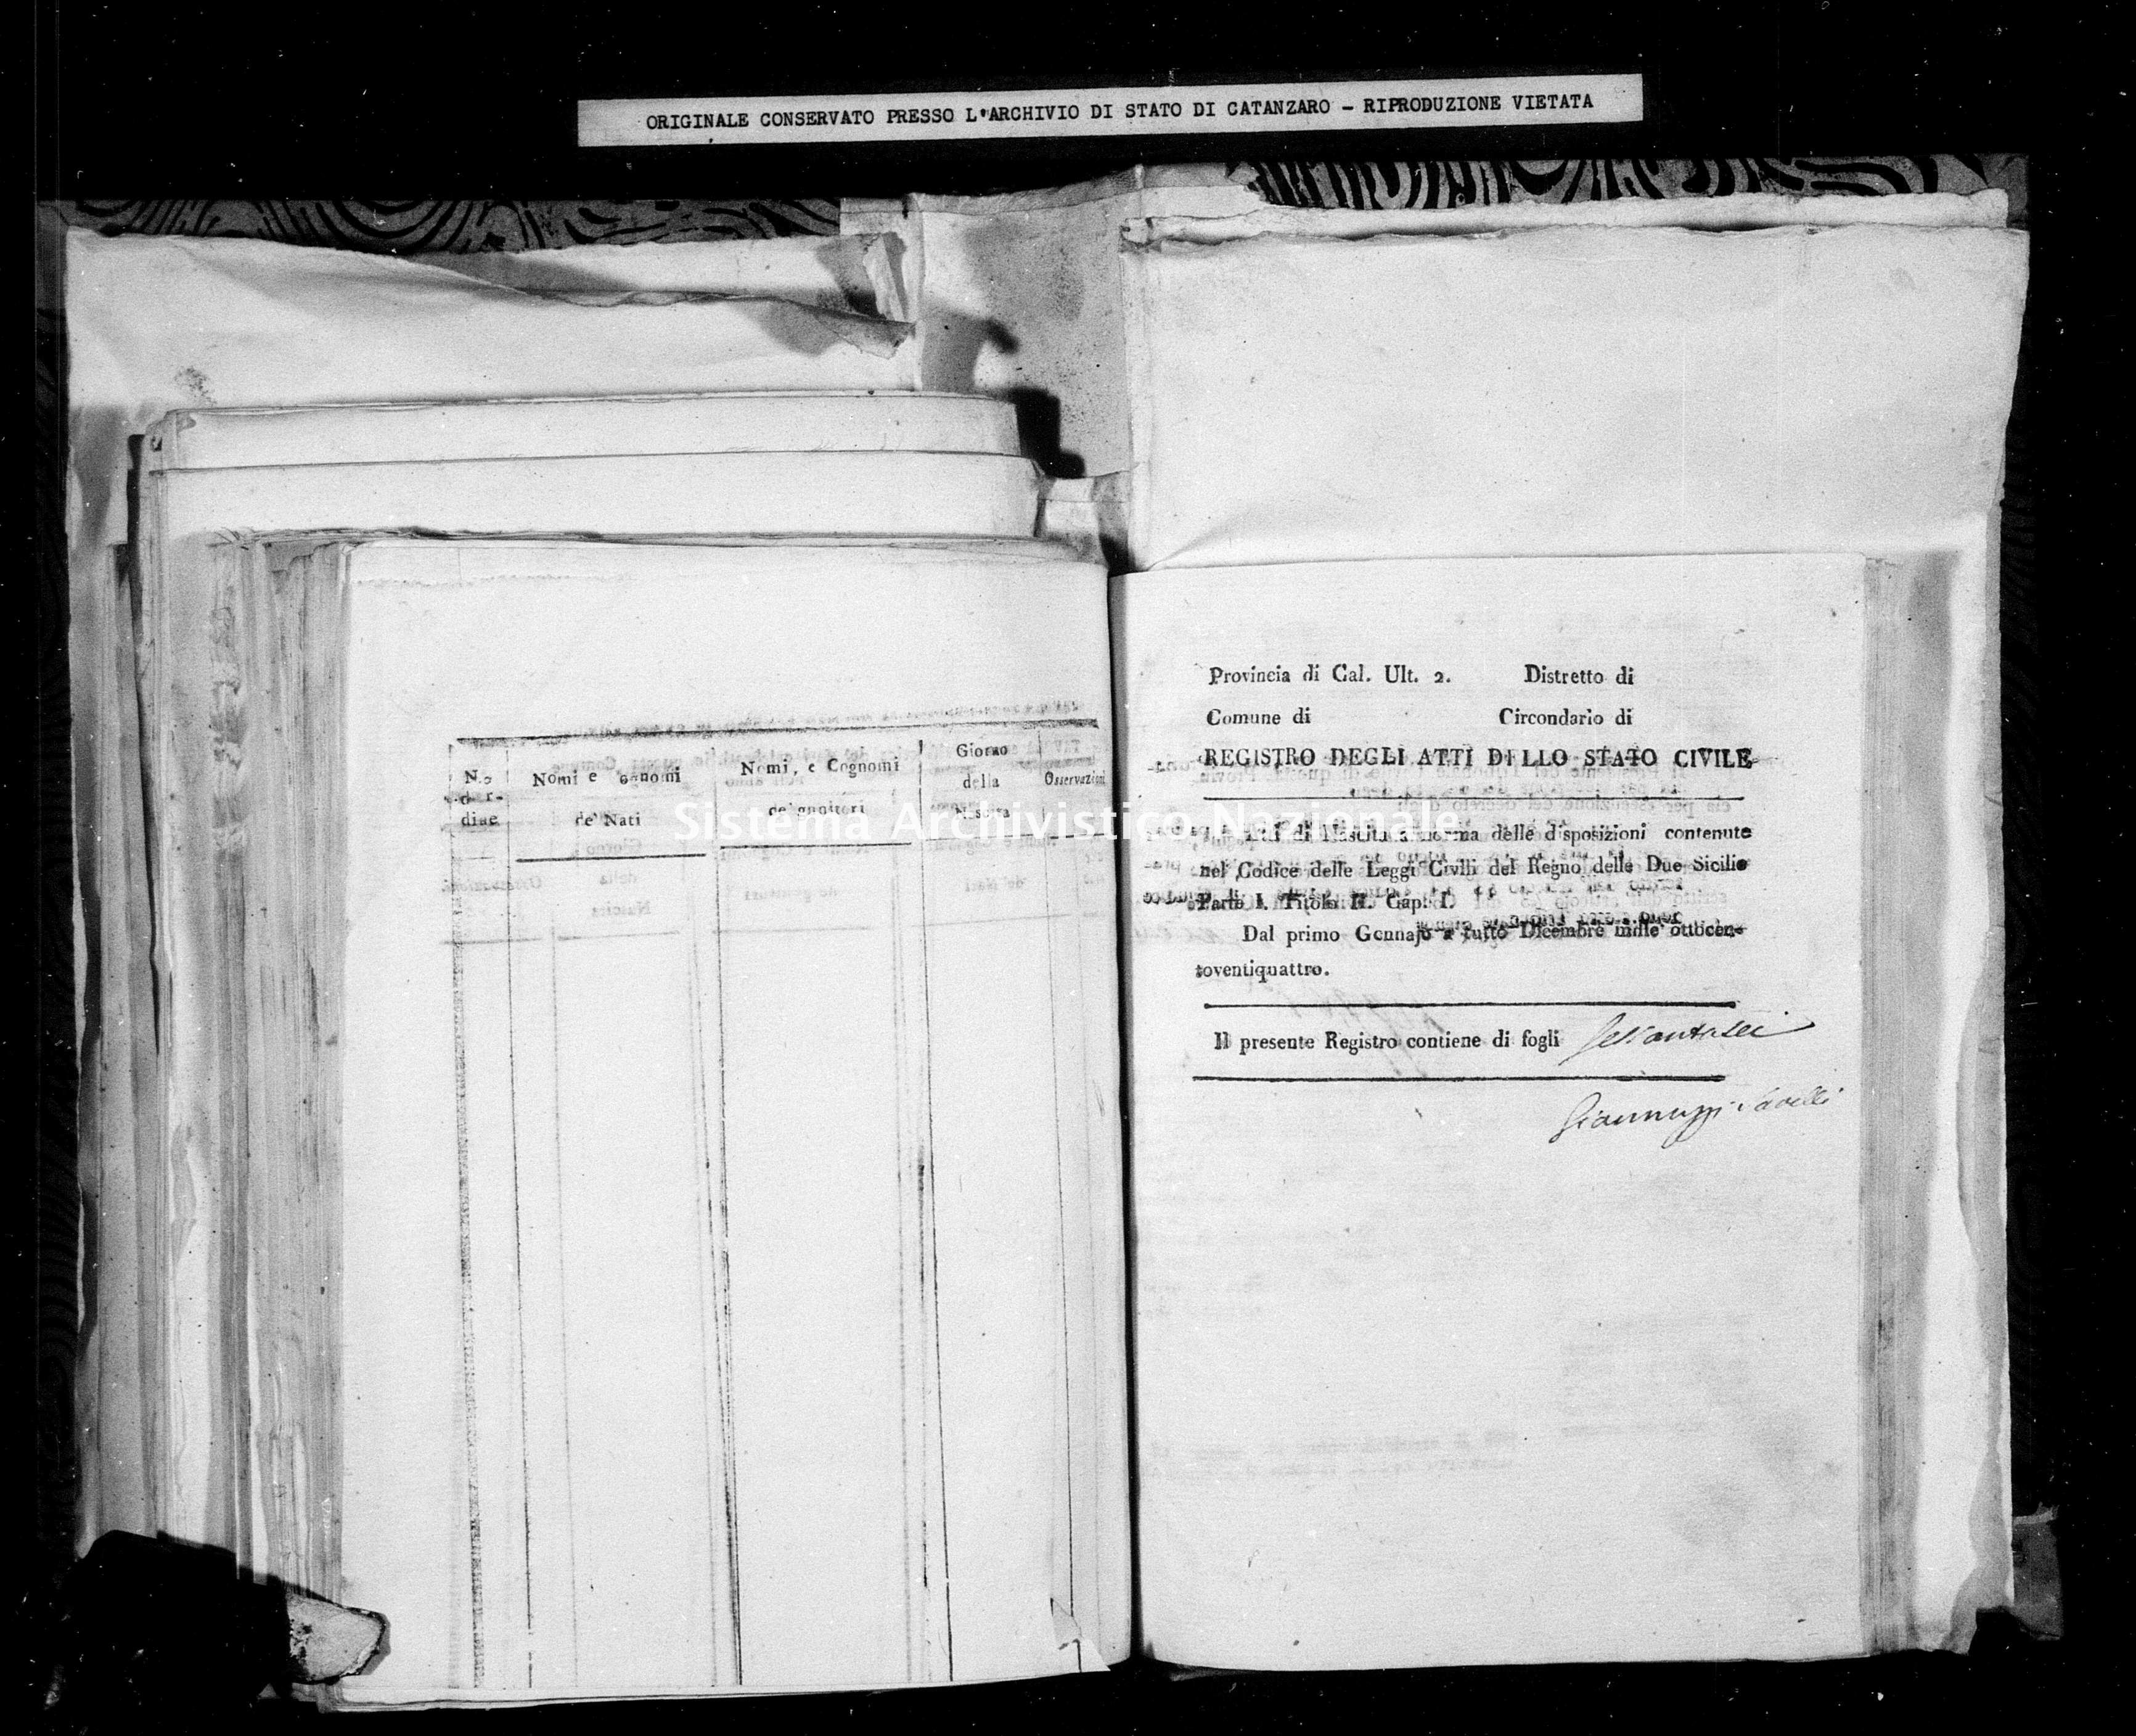 Archivio di stato di Catanzaro - Stato civile della restaurazione - Amaroni - Nati - 1824 -